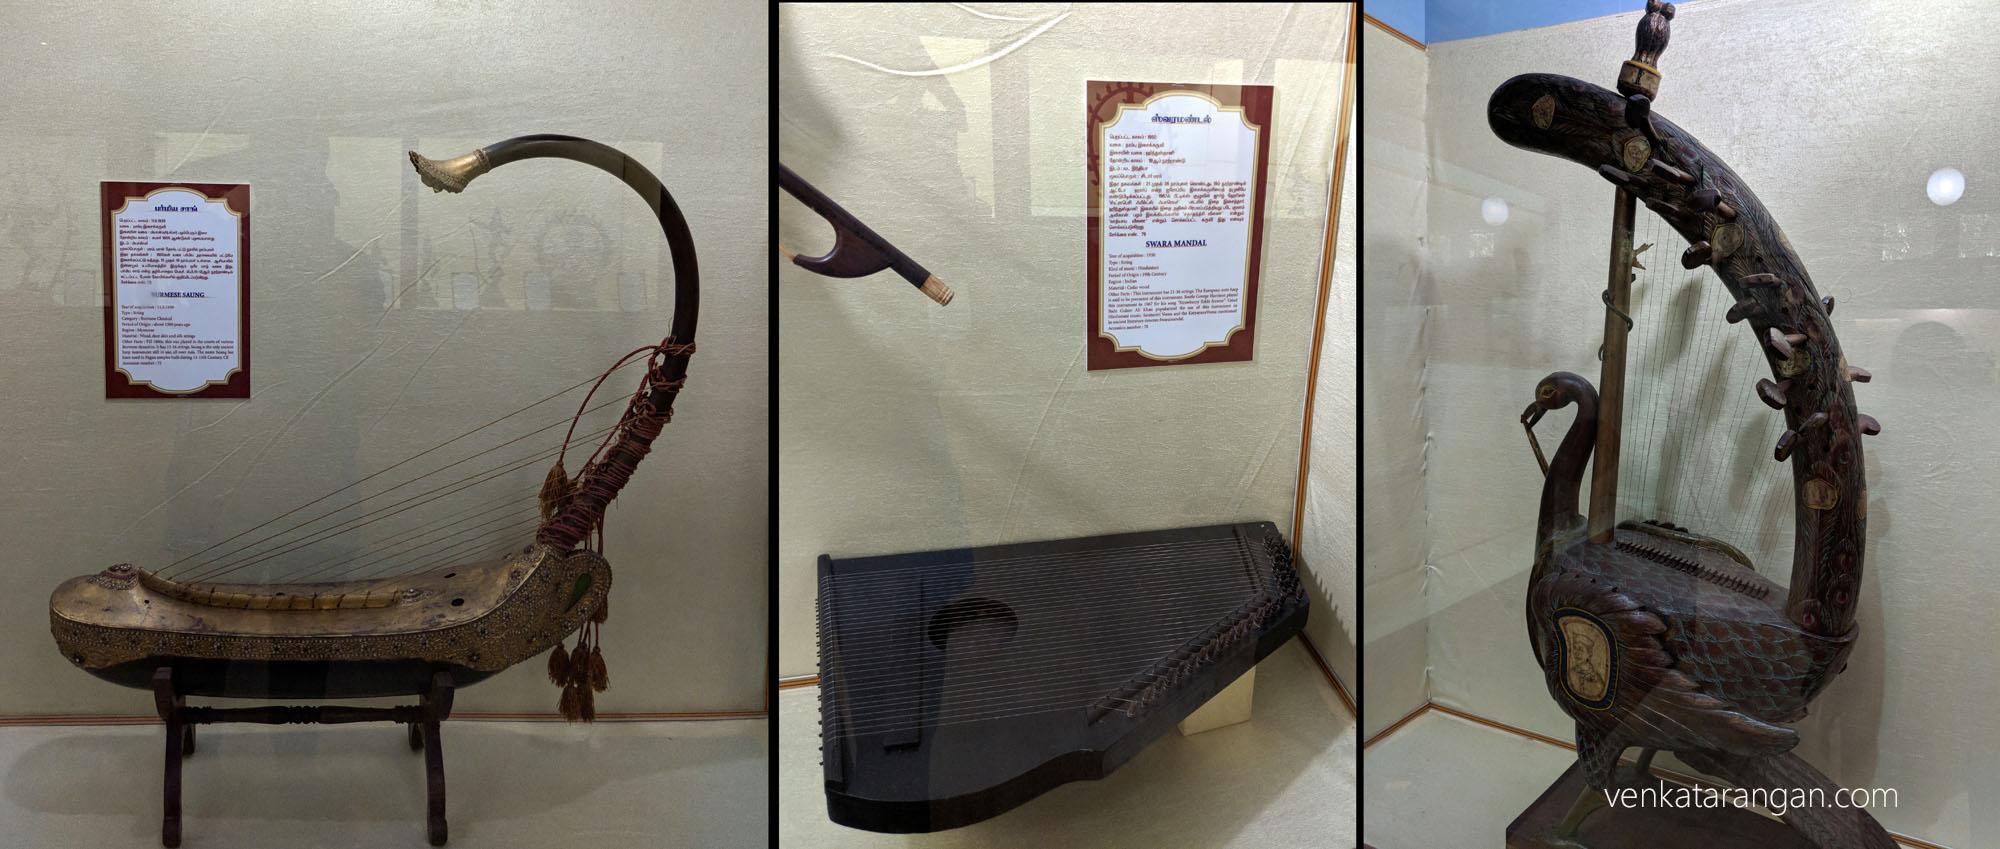 1) Burmese Saung (பர்மிய சாங்). Origin: 1500 years. மரம், மான் தோல், பட்டு நூலில் நரம்புகள். 2) Swara Mandal (ஸ்வரமண்டல்). Cedar Wood. Has 21-36 strings.3)Peacock Yazh (மயில் யாழ்).